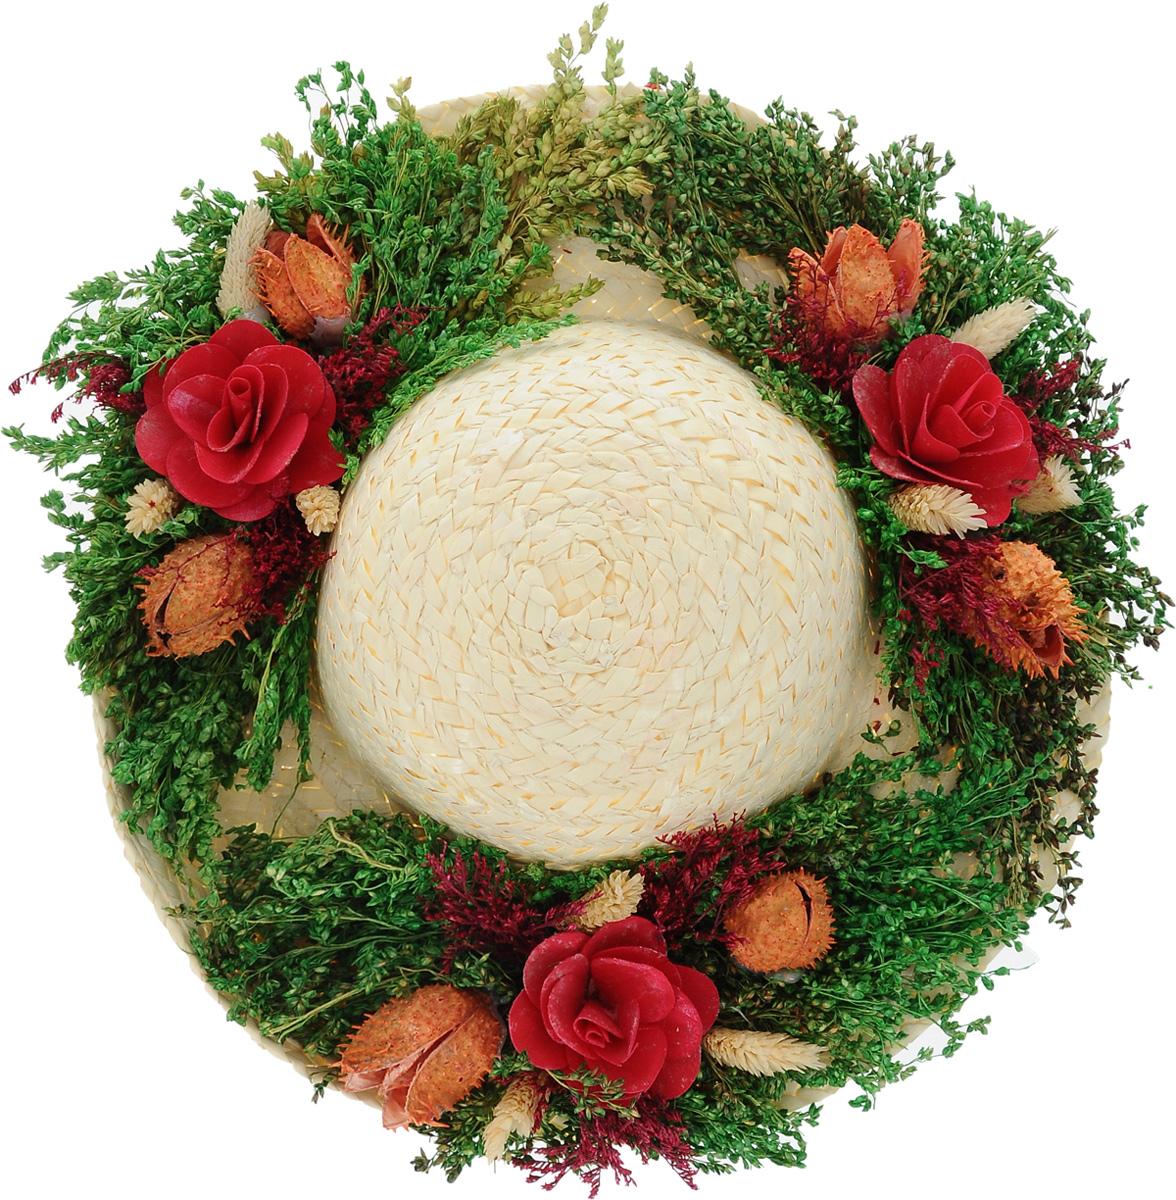 """Фото Декоративное настенное украшение Lillo """"Шляпа с цветами"""", цвет: светло-бежевый, зеленый, бордовый. Купить  в РФ"""